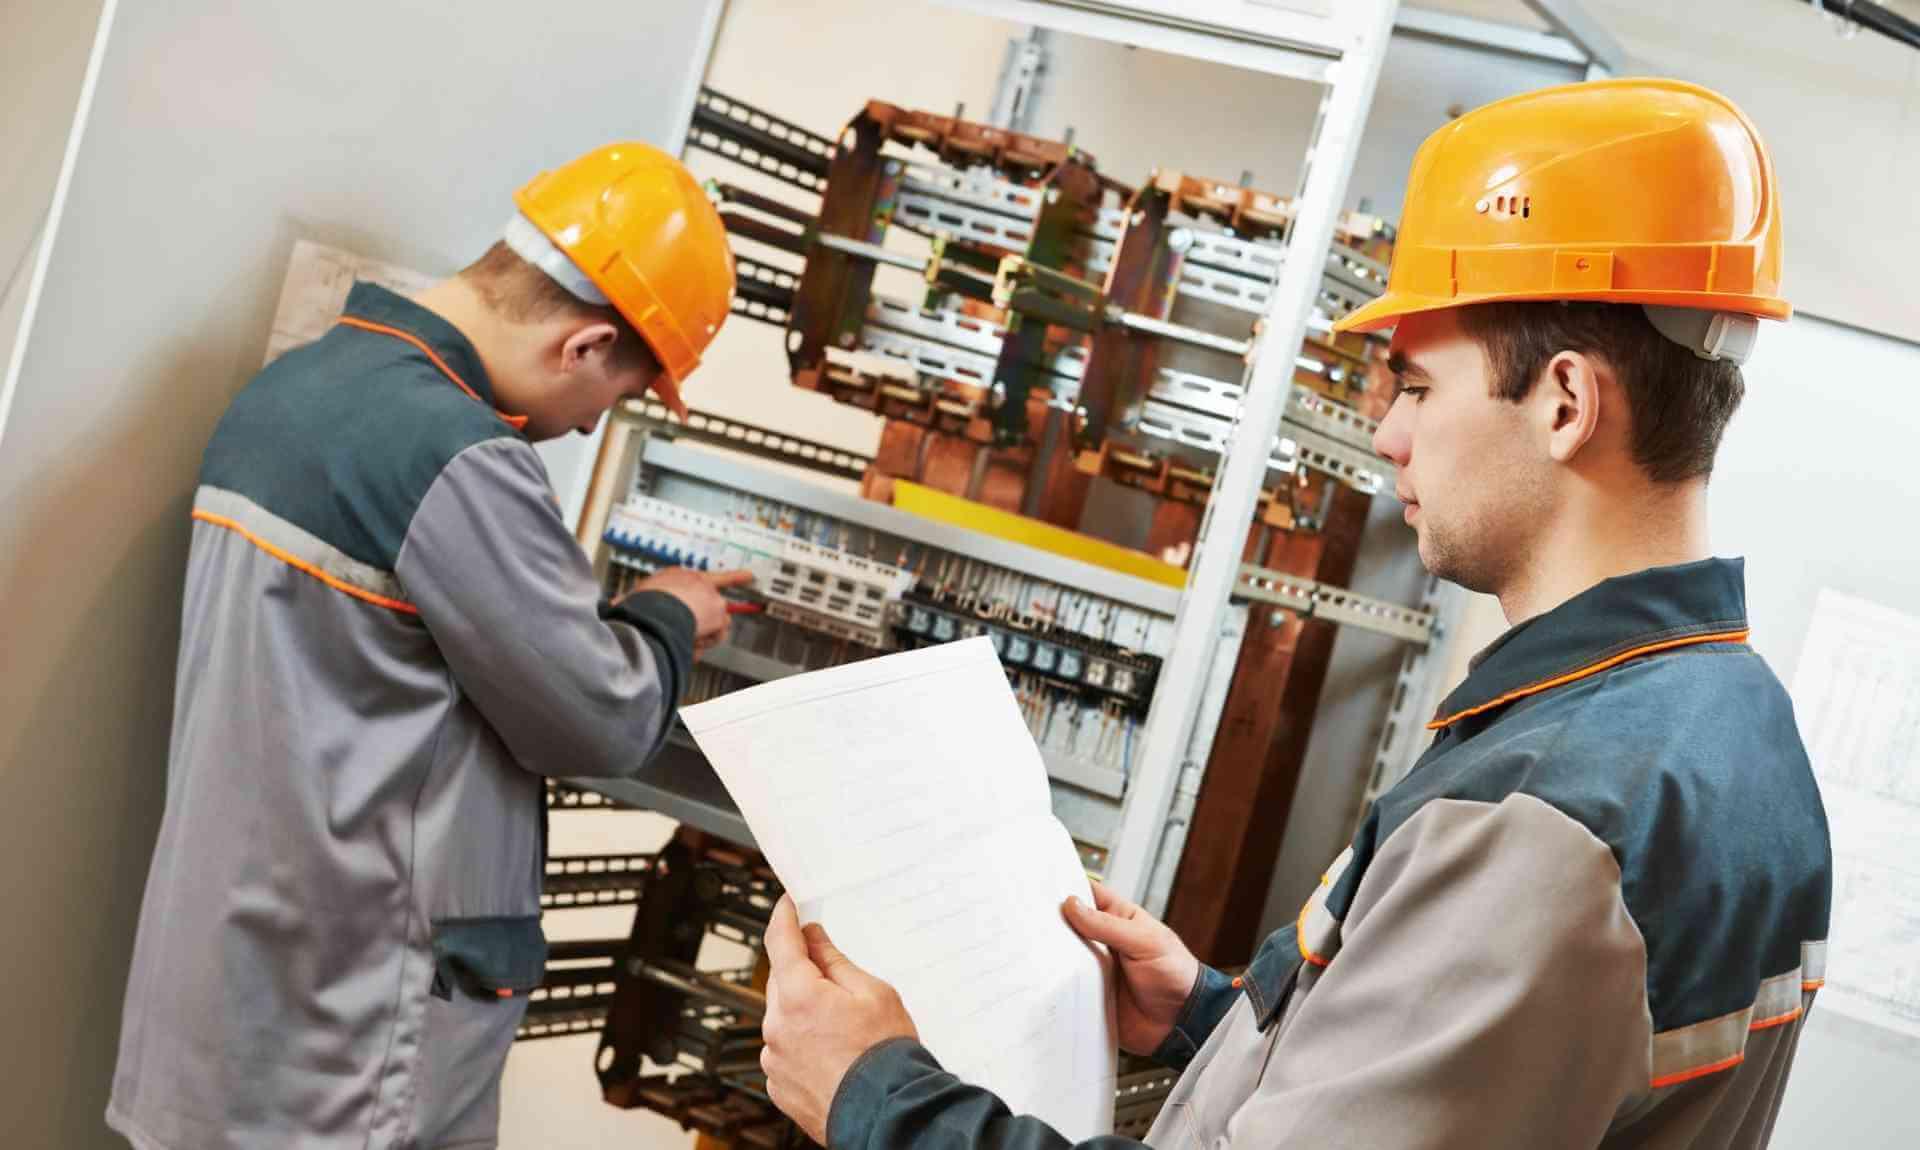 Monteur service en onderhoud woning & utiliteit opleiding